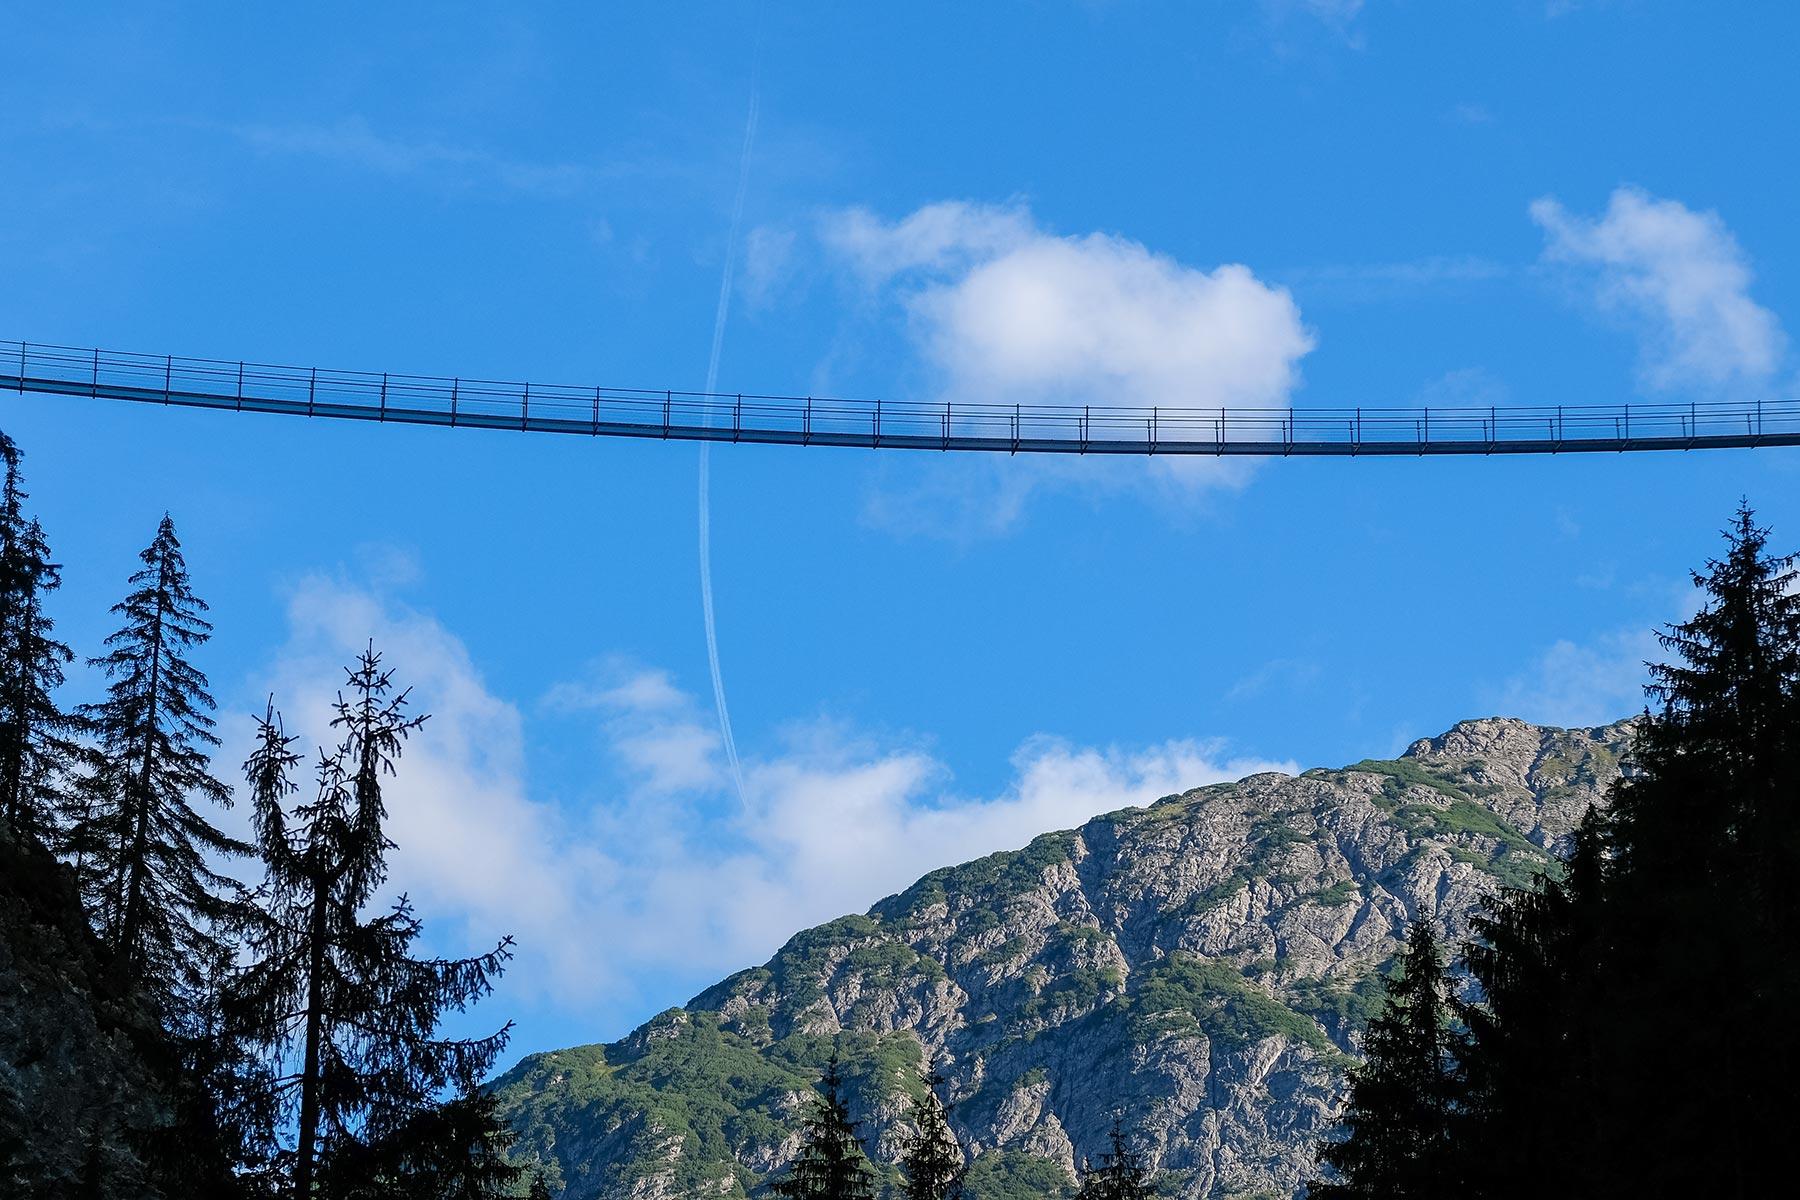 Hängebrücke in Holzgau, Österreich